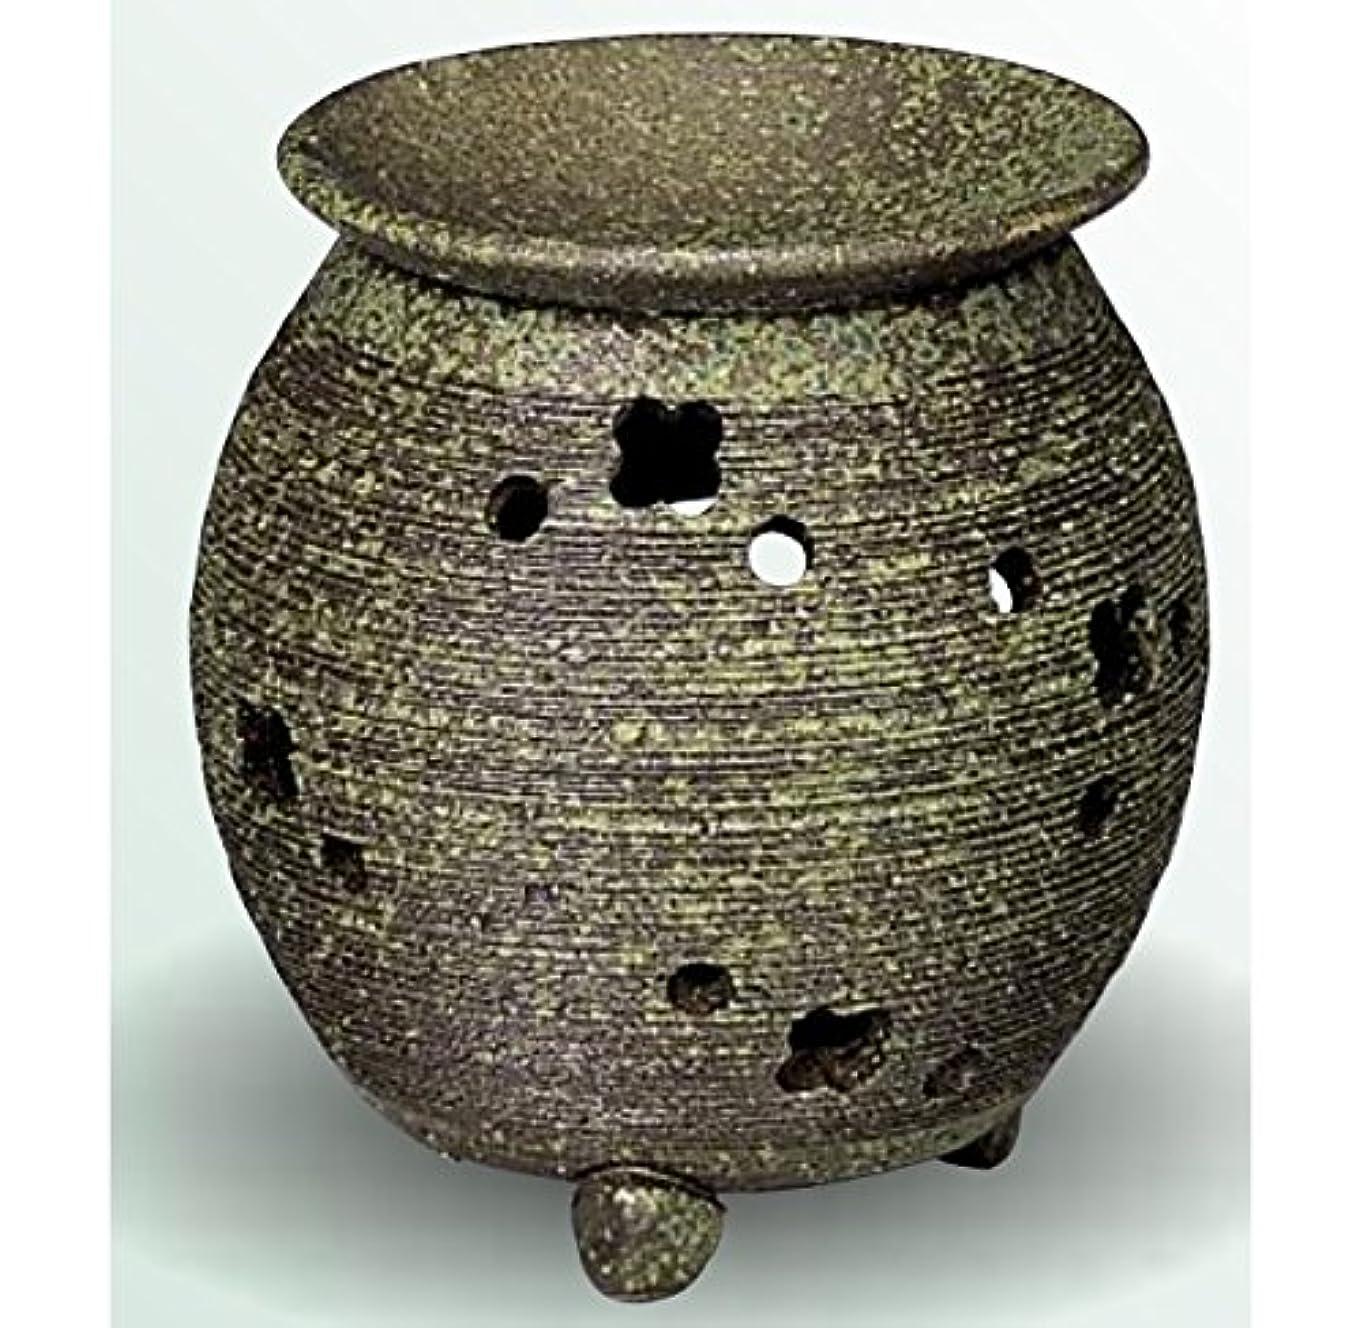 相談する石鹸影響する常滑焼 茶香炉(アロマポット) 径10×高さ11.5cm